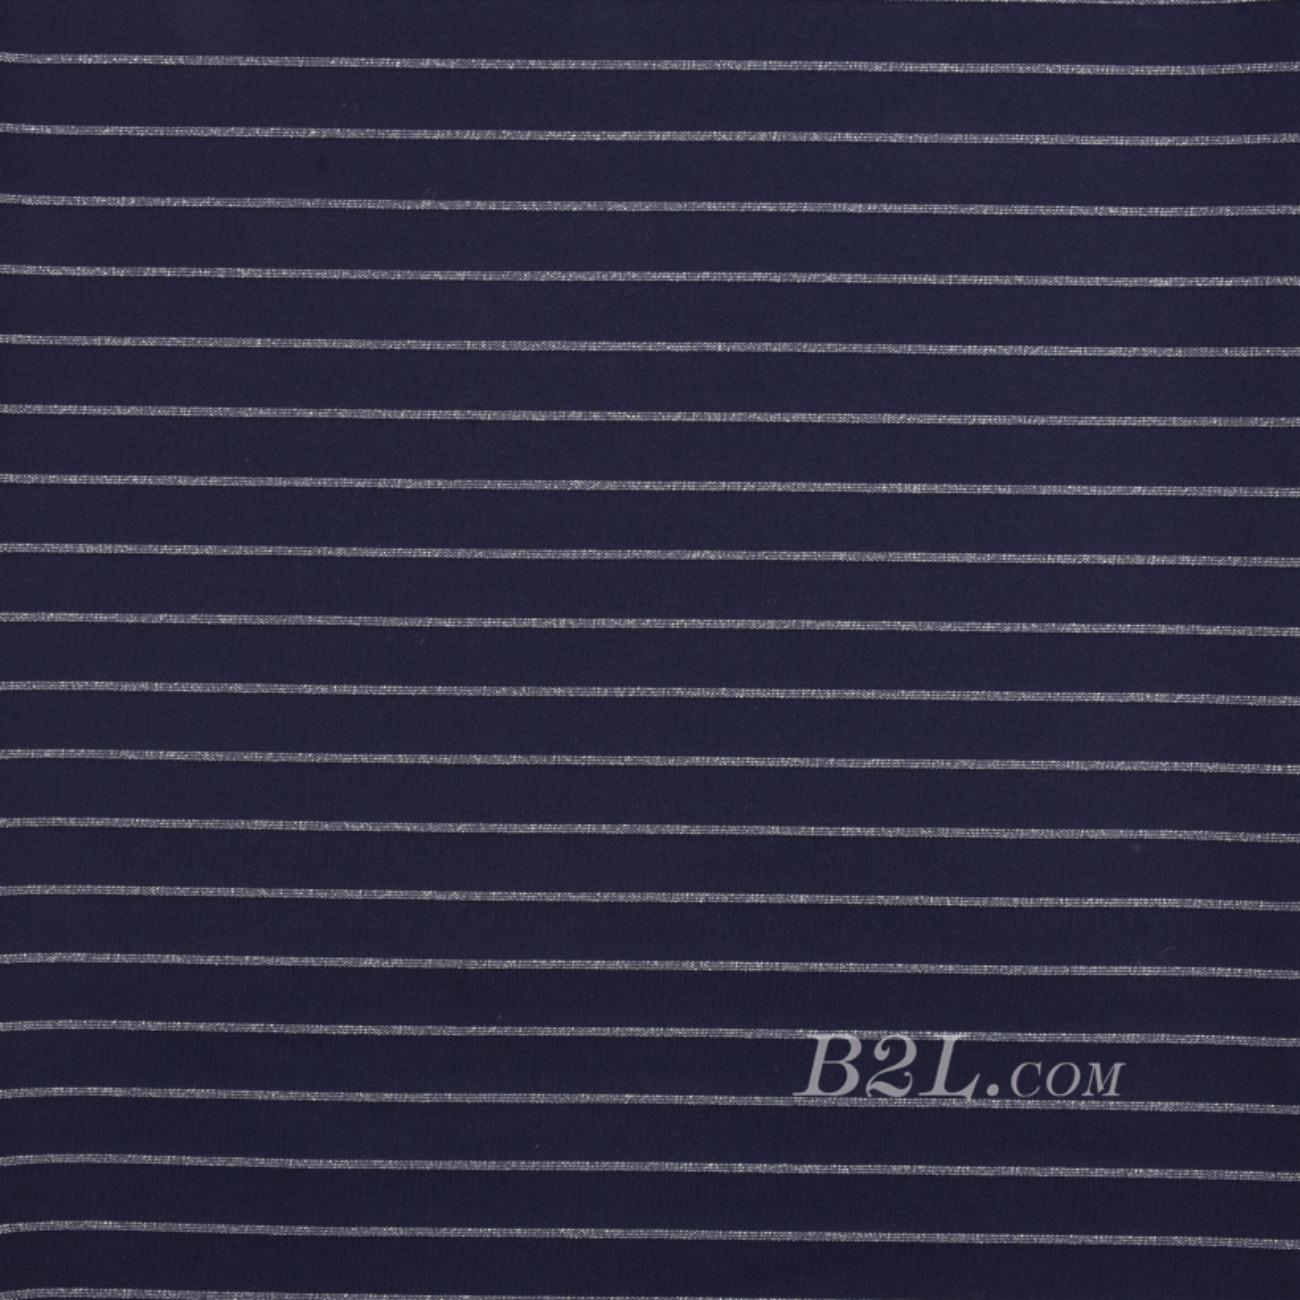 条纹 针织 横条 银丝 高弹 棉感 春秋 T恤 针织衫 连衣裙 80905-36